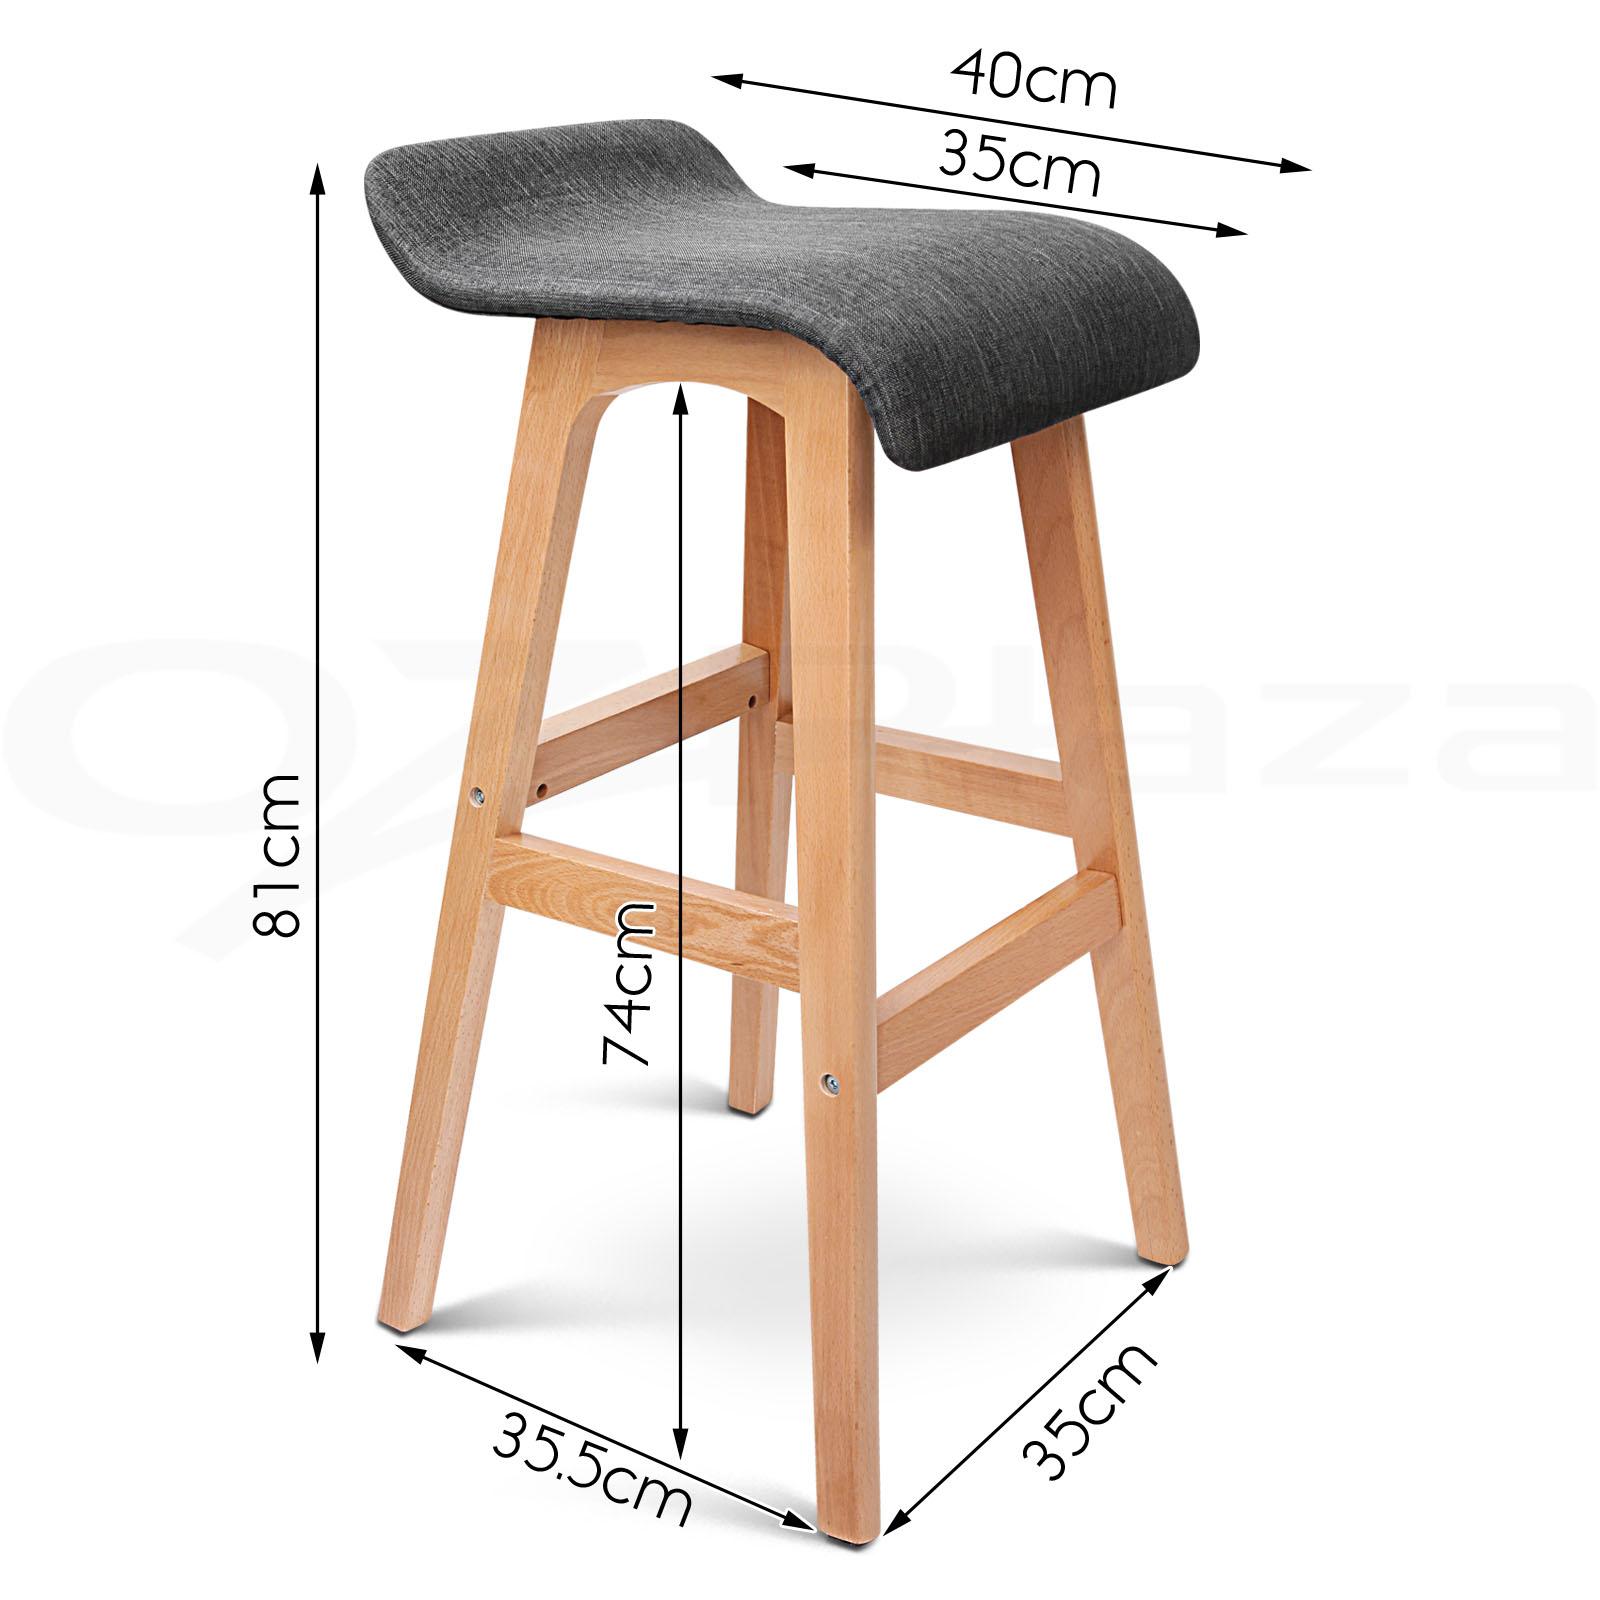 4x Wooden Bar Stools Kitchen Barstool Fabric Foam Seat  : BA TW T1568 BKX4 P10 from www.ebay.com.au size 1600 x 1600 jpeg 236kB